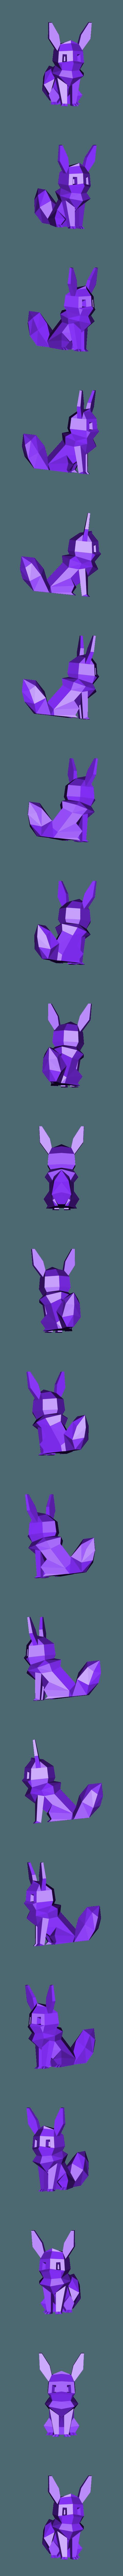 eevee_lowpoly_flowalistik.STL Download free STL file Low-poly Eevee • 3D print design, flowalistik